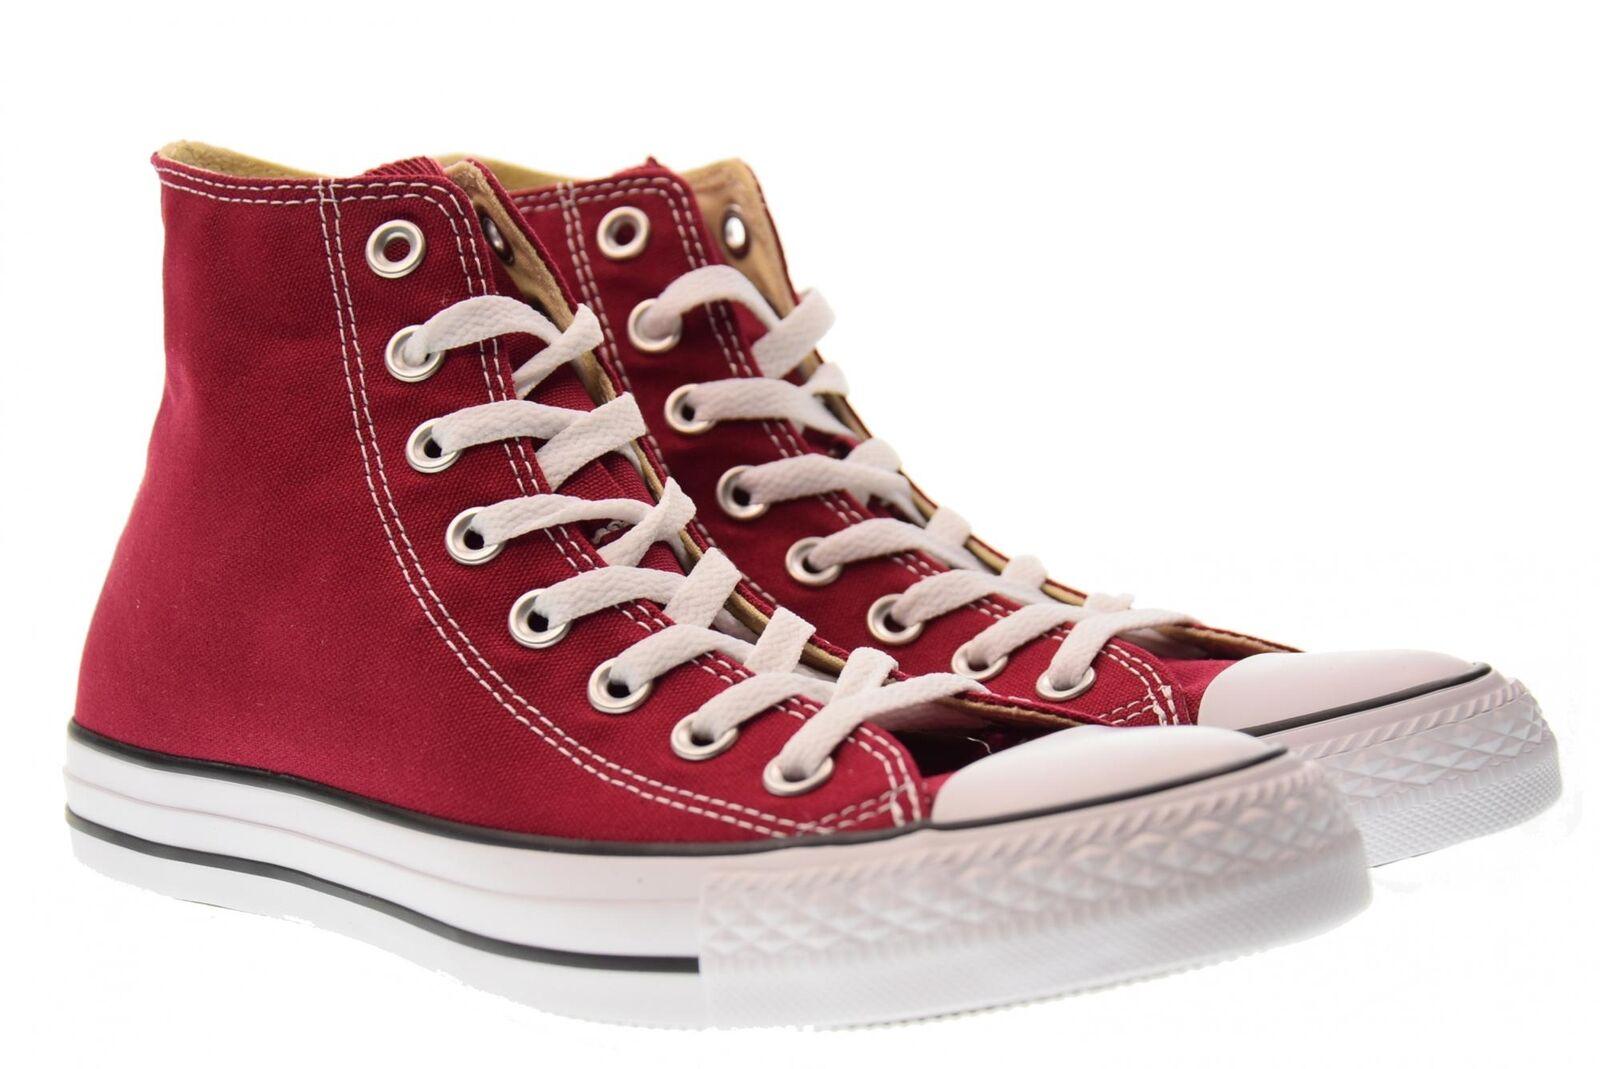 Converse zapatos unisex zapatillas alte M9613C ALL STAR HI marrón P19